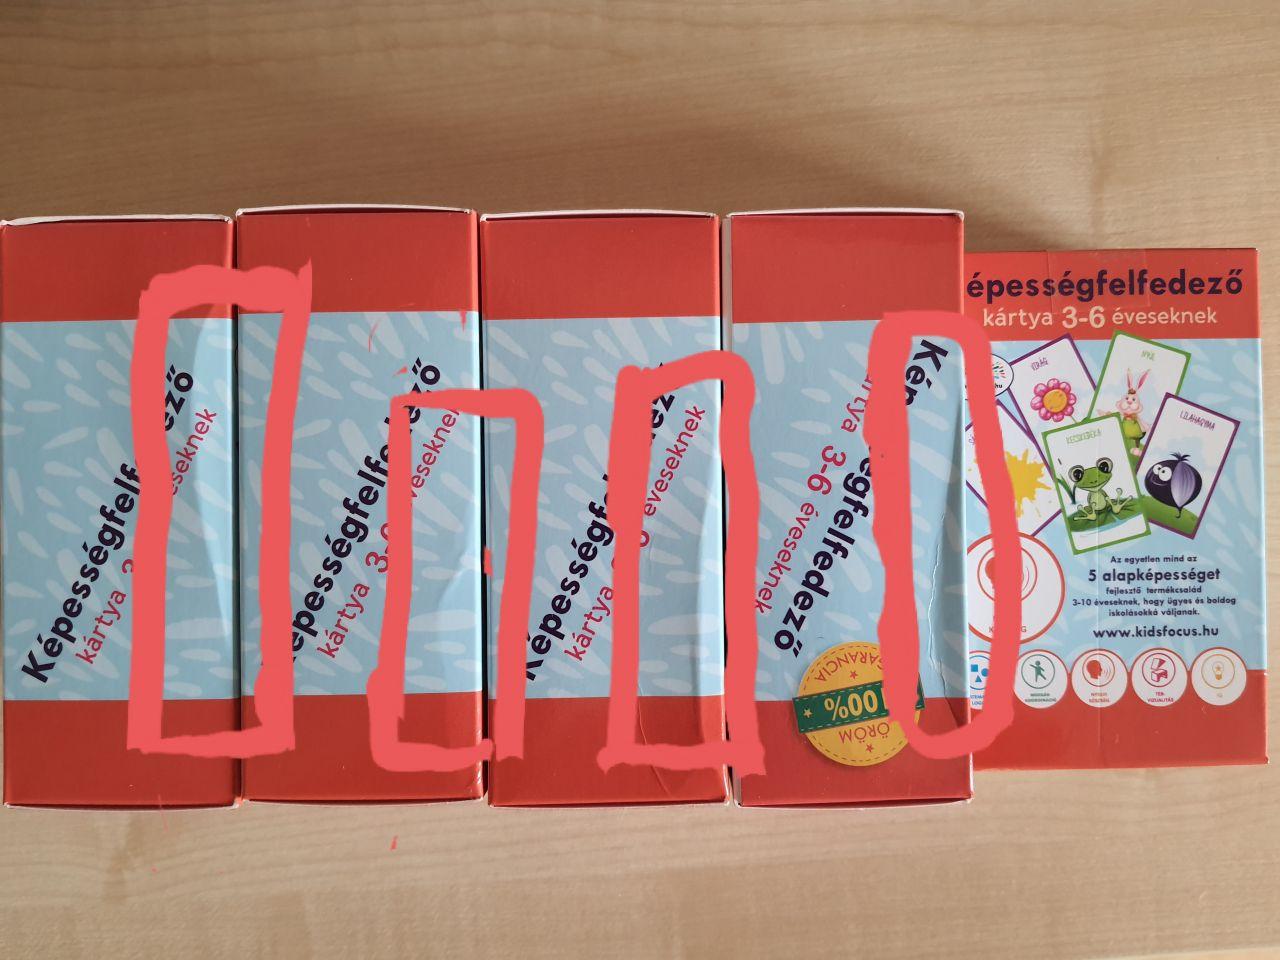 Képességfelfedező kártya 3-6 éveseknek BESZÉD (szépséghibás)